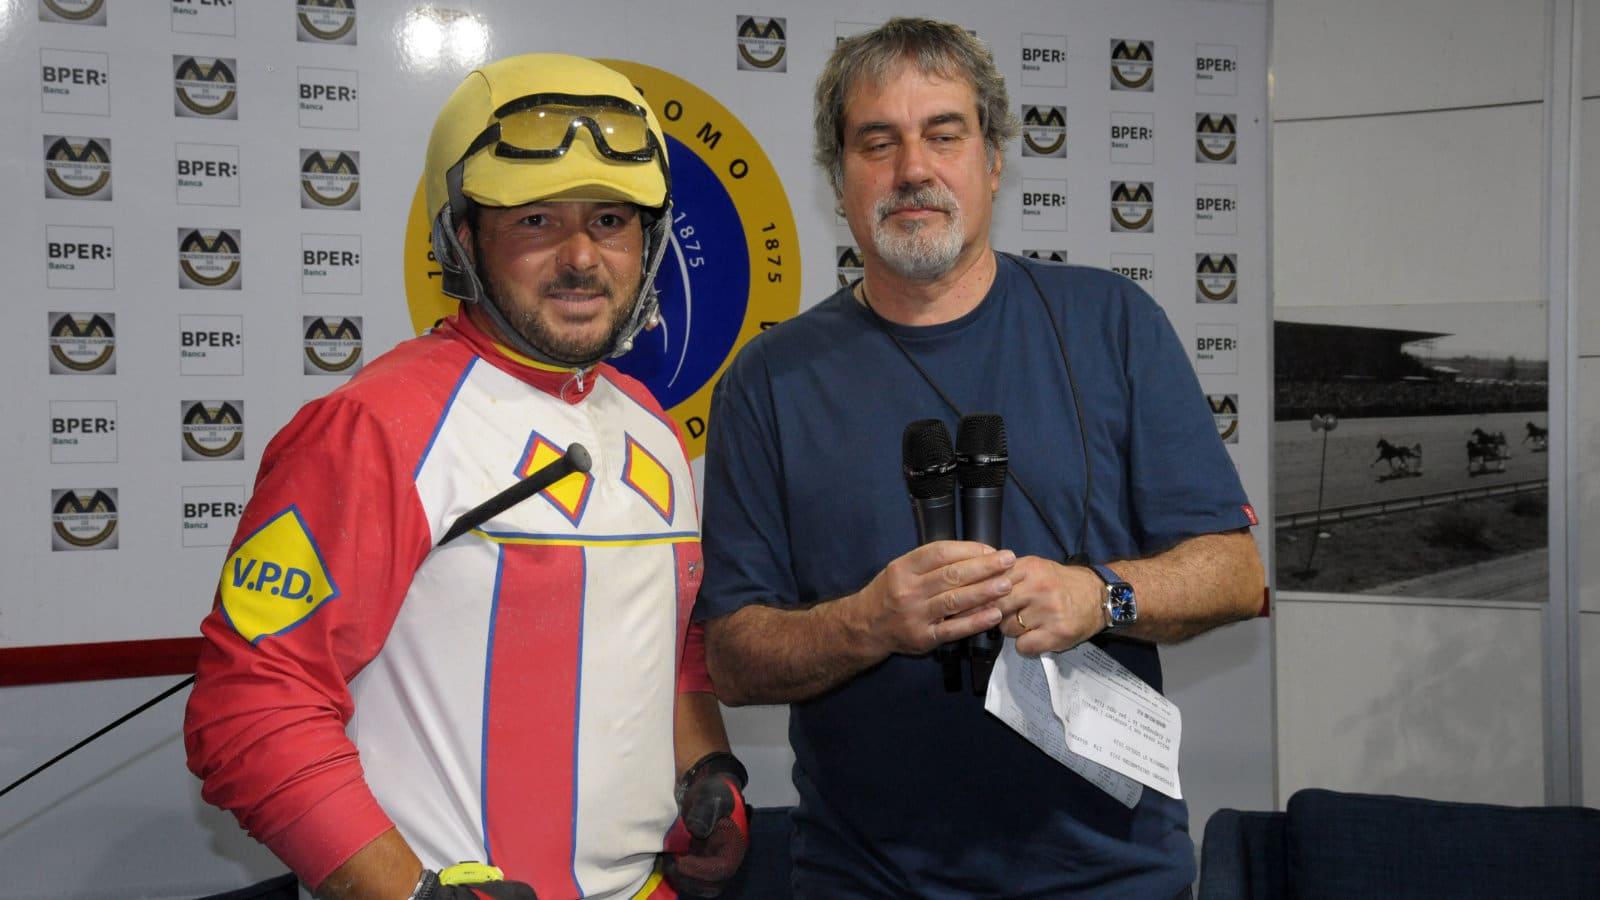 2019-07-07-corsa-1-03